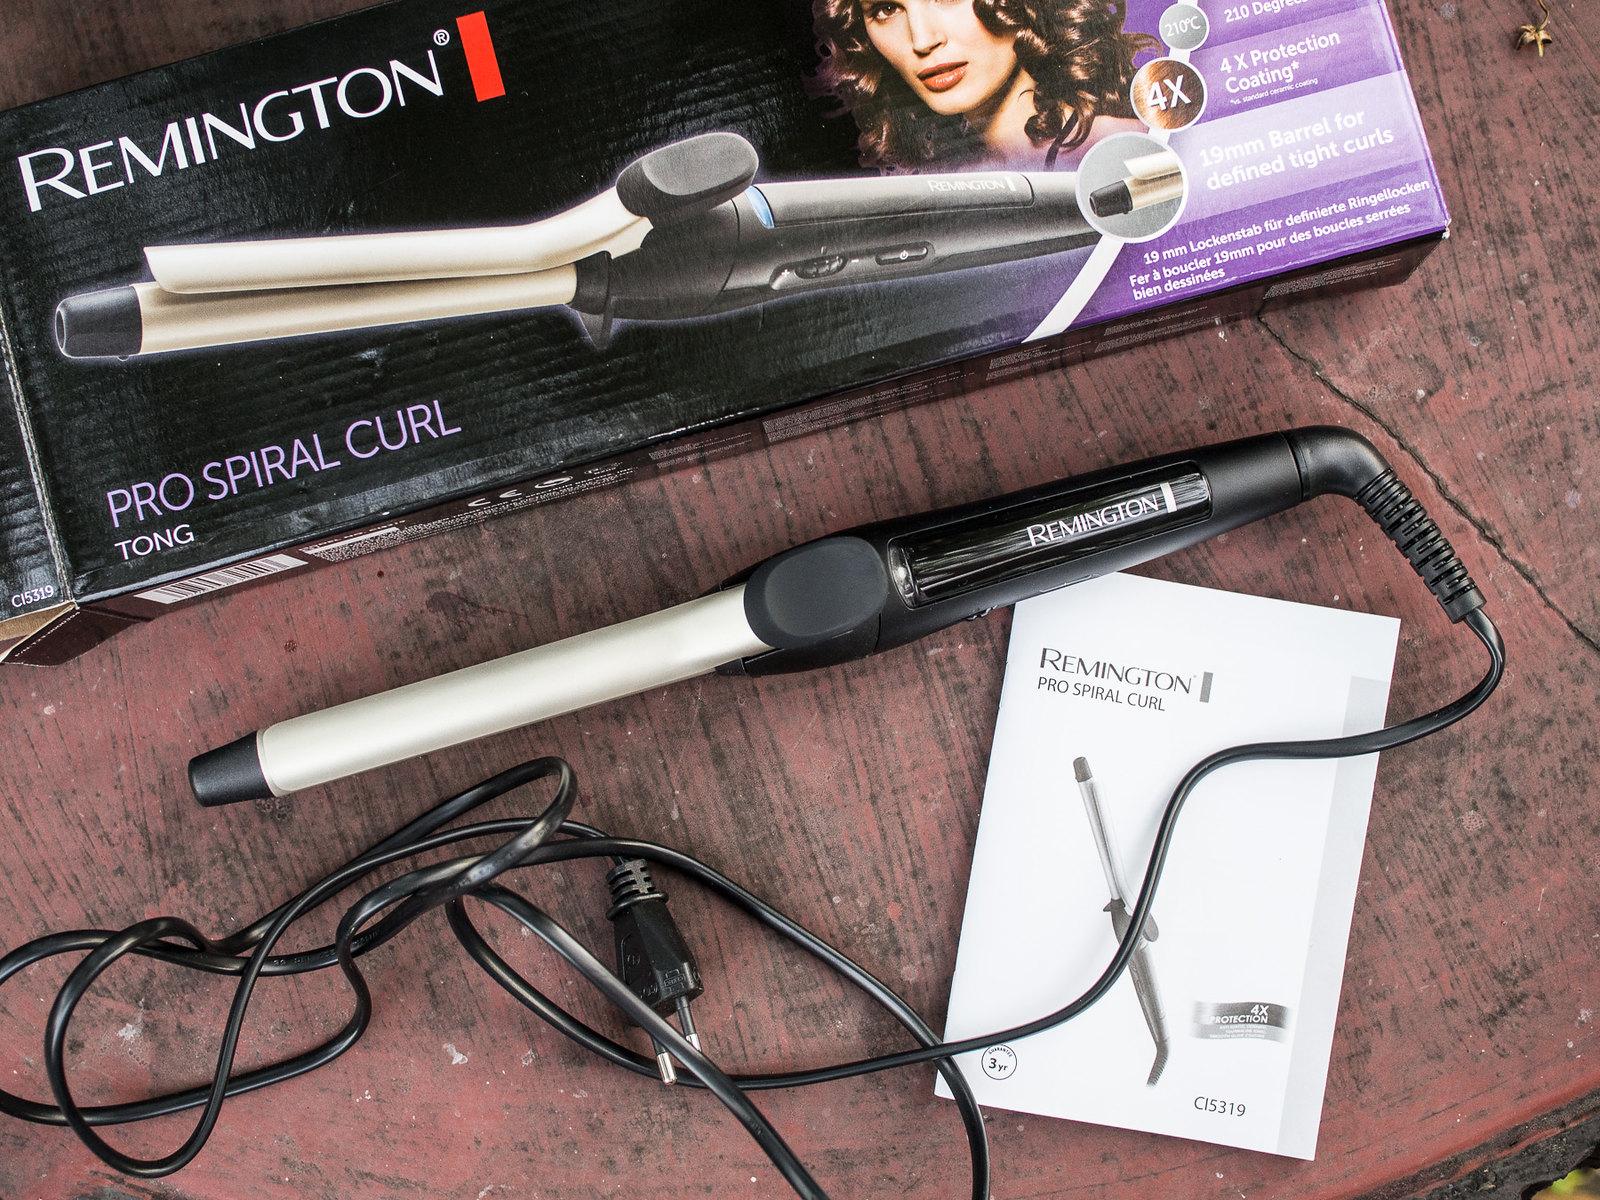 remington-curler-review